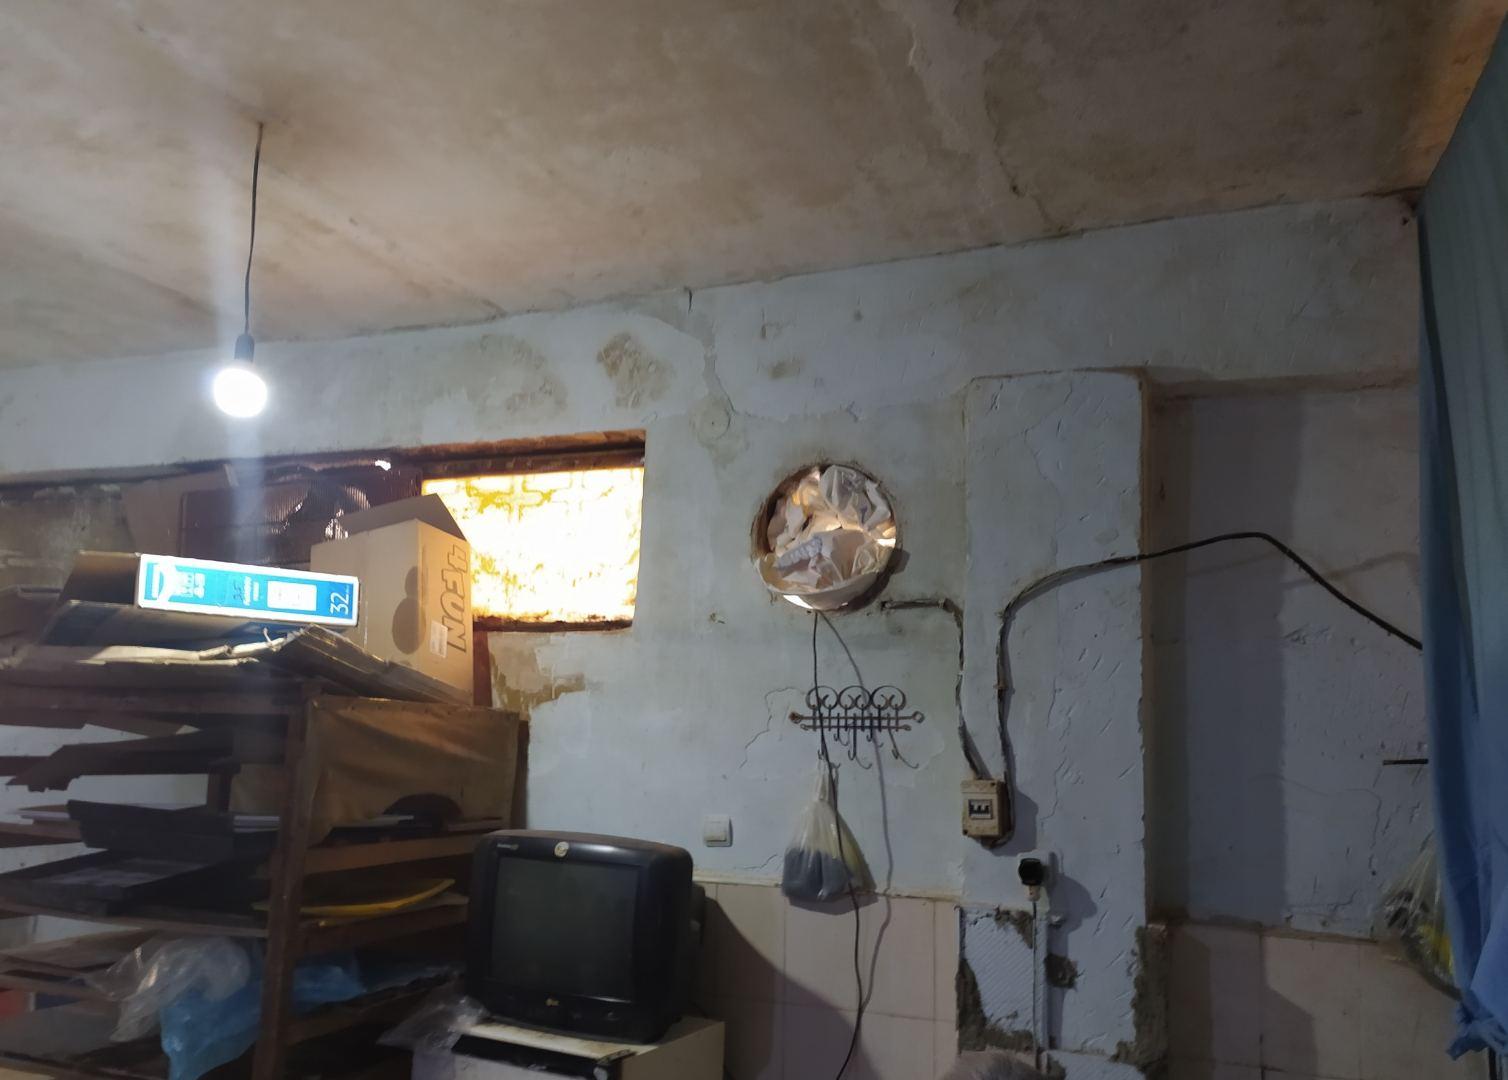 Bakıda un məmulatları istehsalı müəssisəsinin fəaliyyəti məhdudlaşdırılıb (FOTO) - Gallery Image